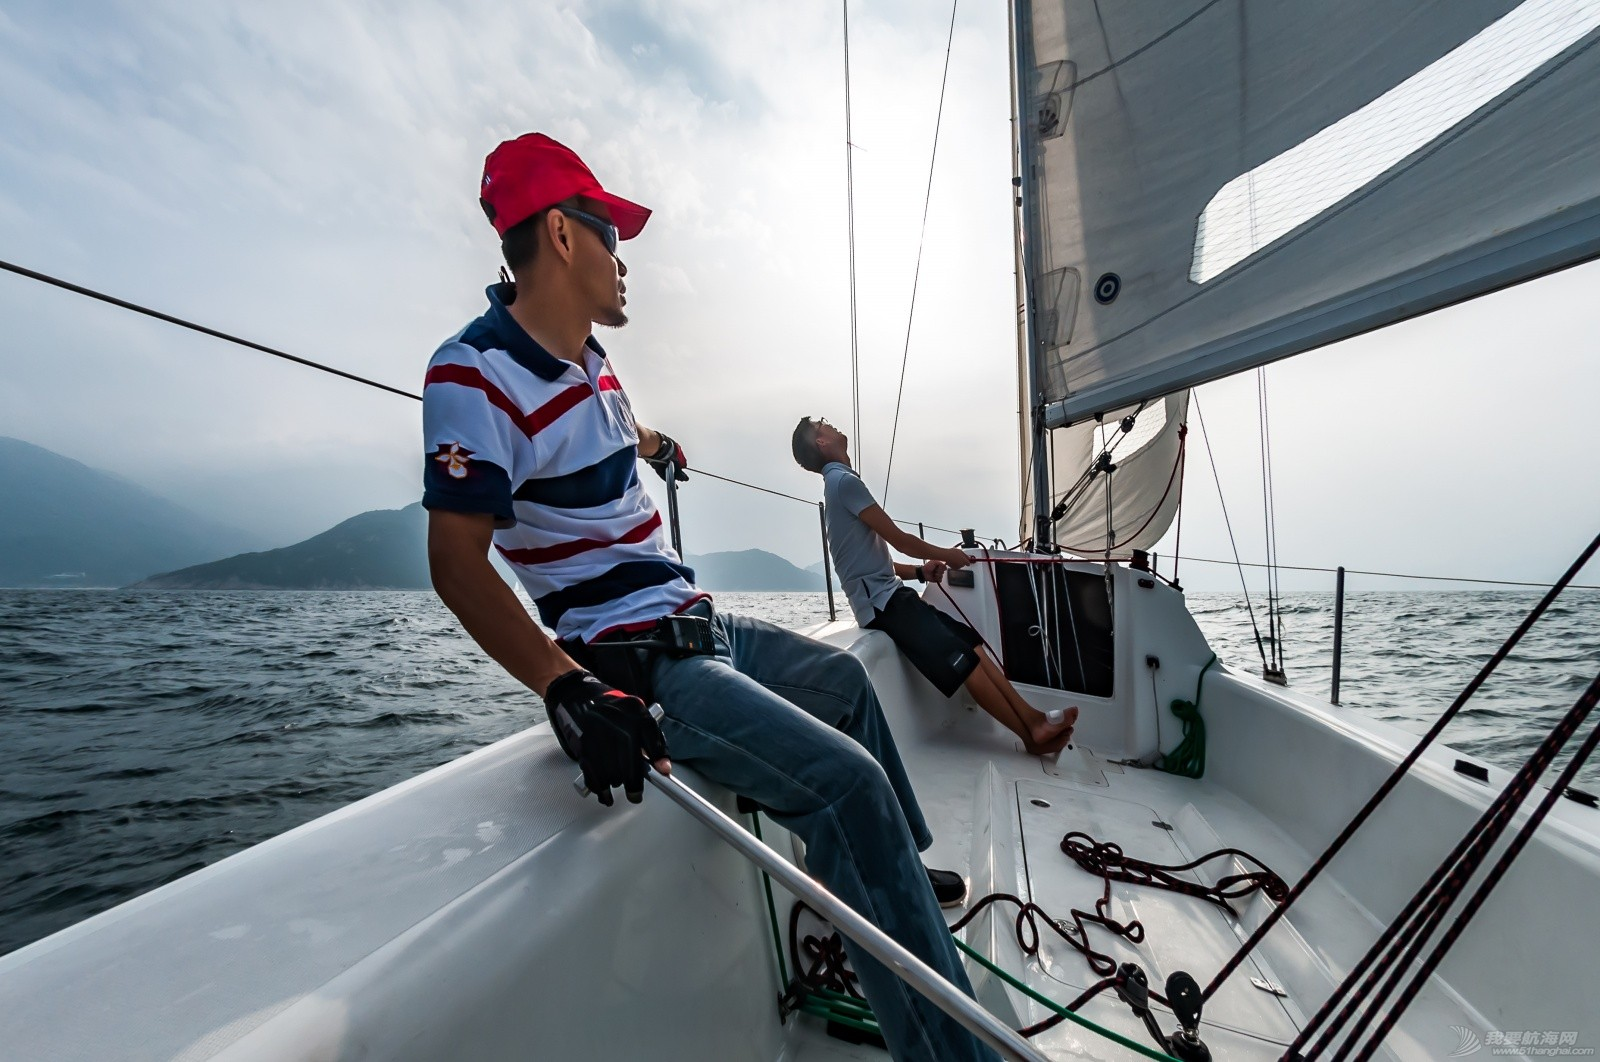 帆船 【2015大鹏杯帆船赛】鱼眼看航海 16002.jpg